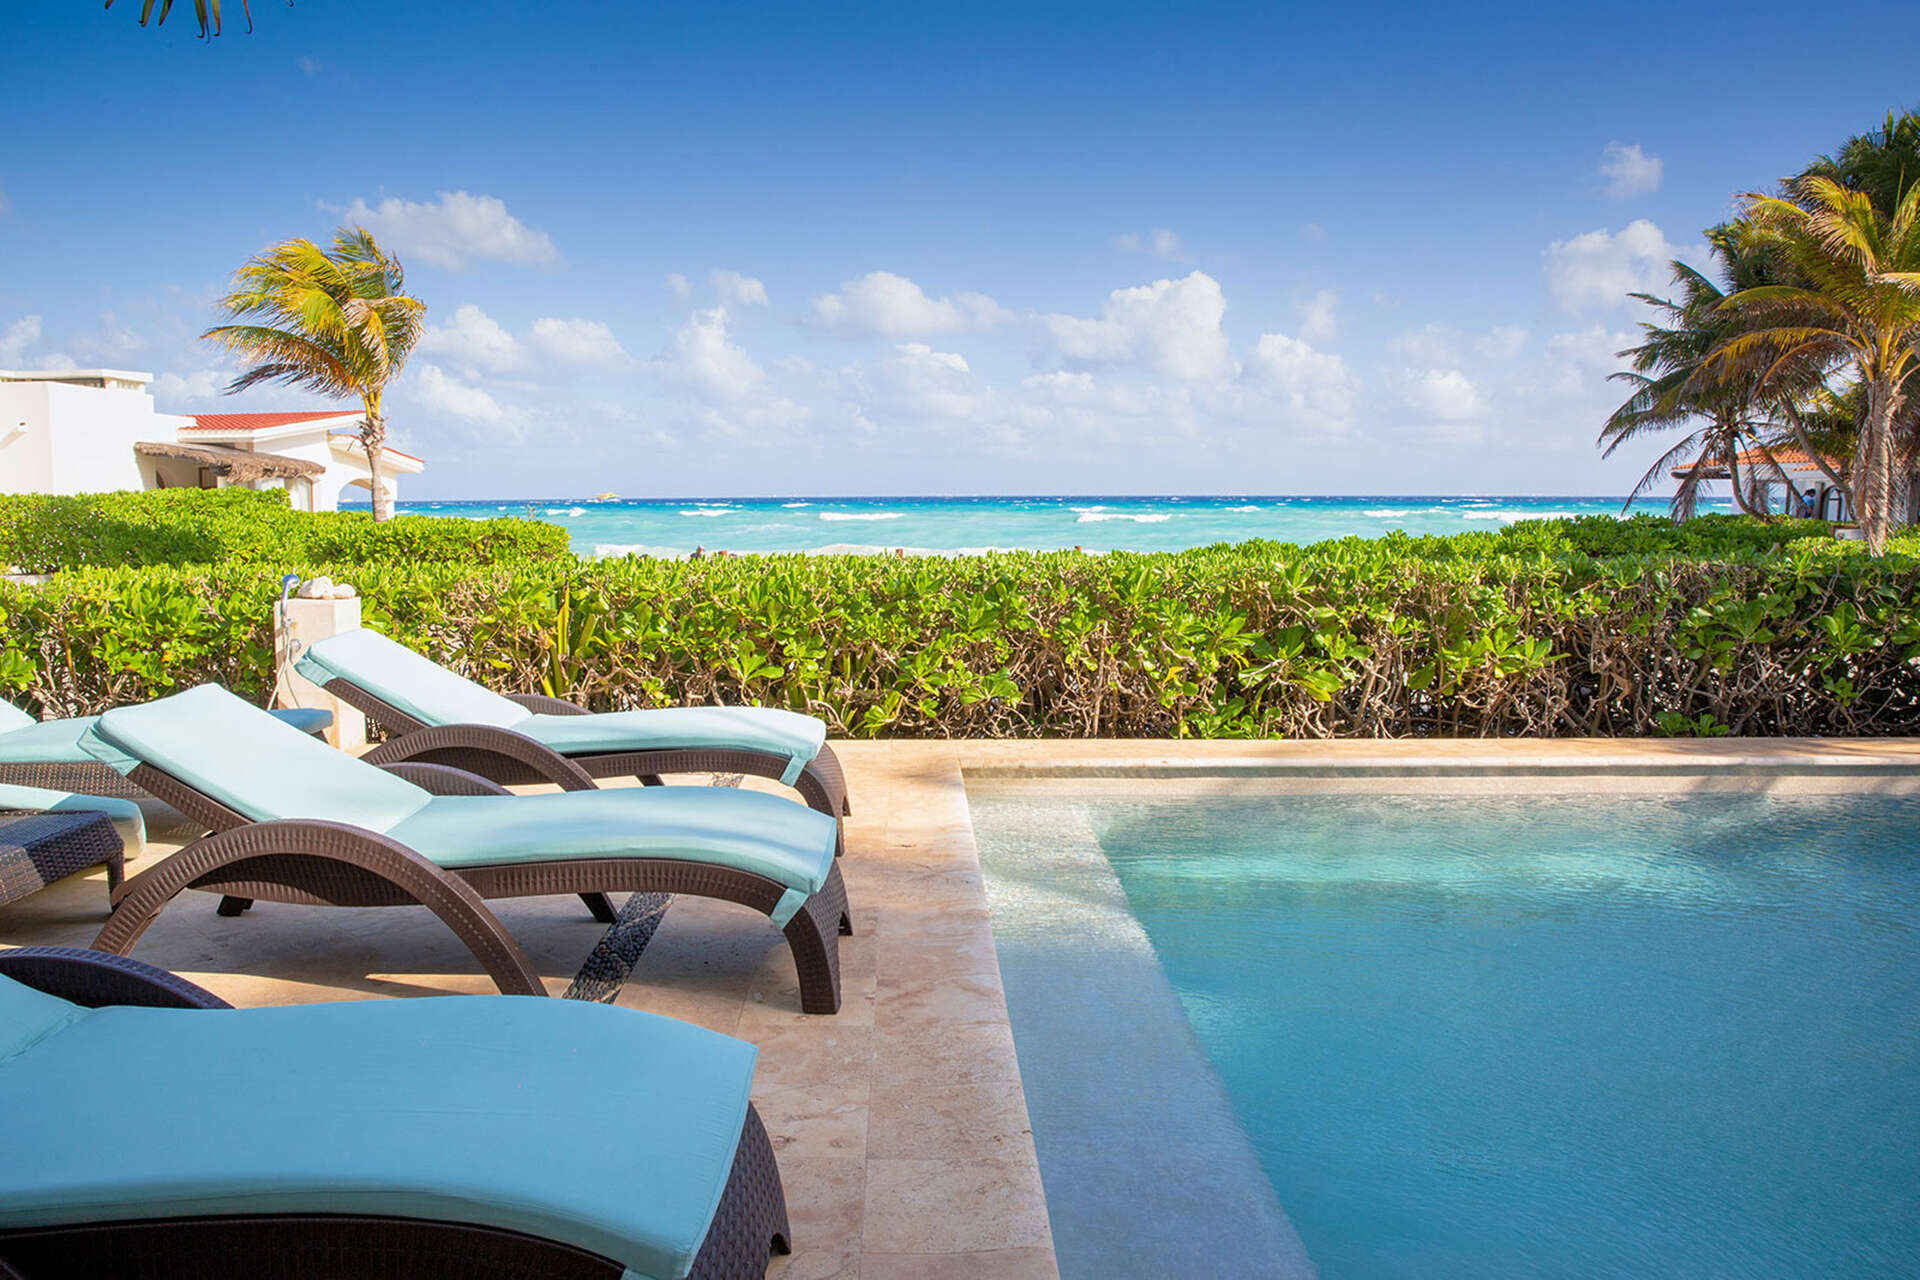 Luxury vacation rentals mexico - Riviera maya - Playa del carmen - No location 4 - Casa Clara - Image 1/29